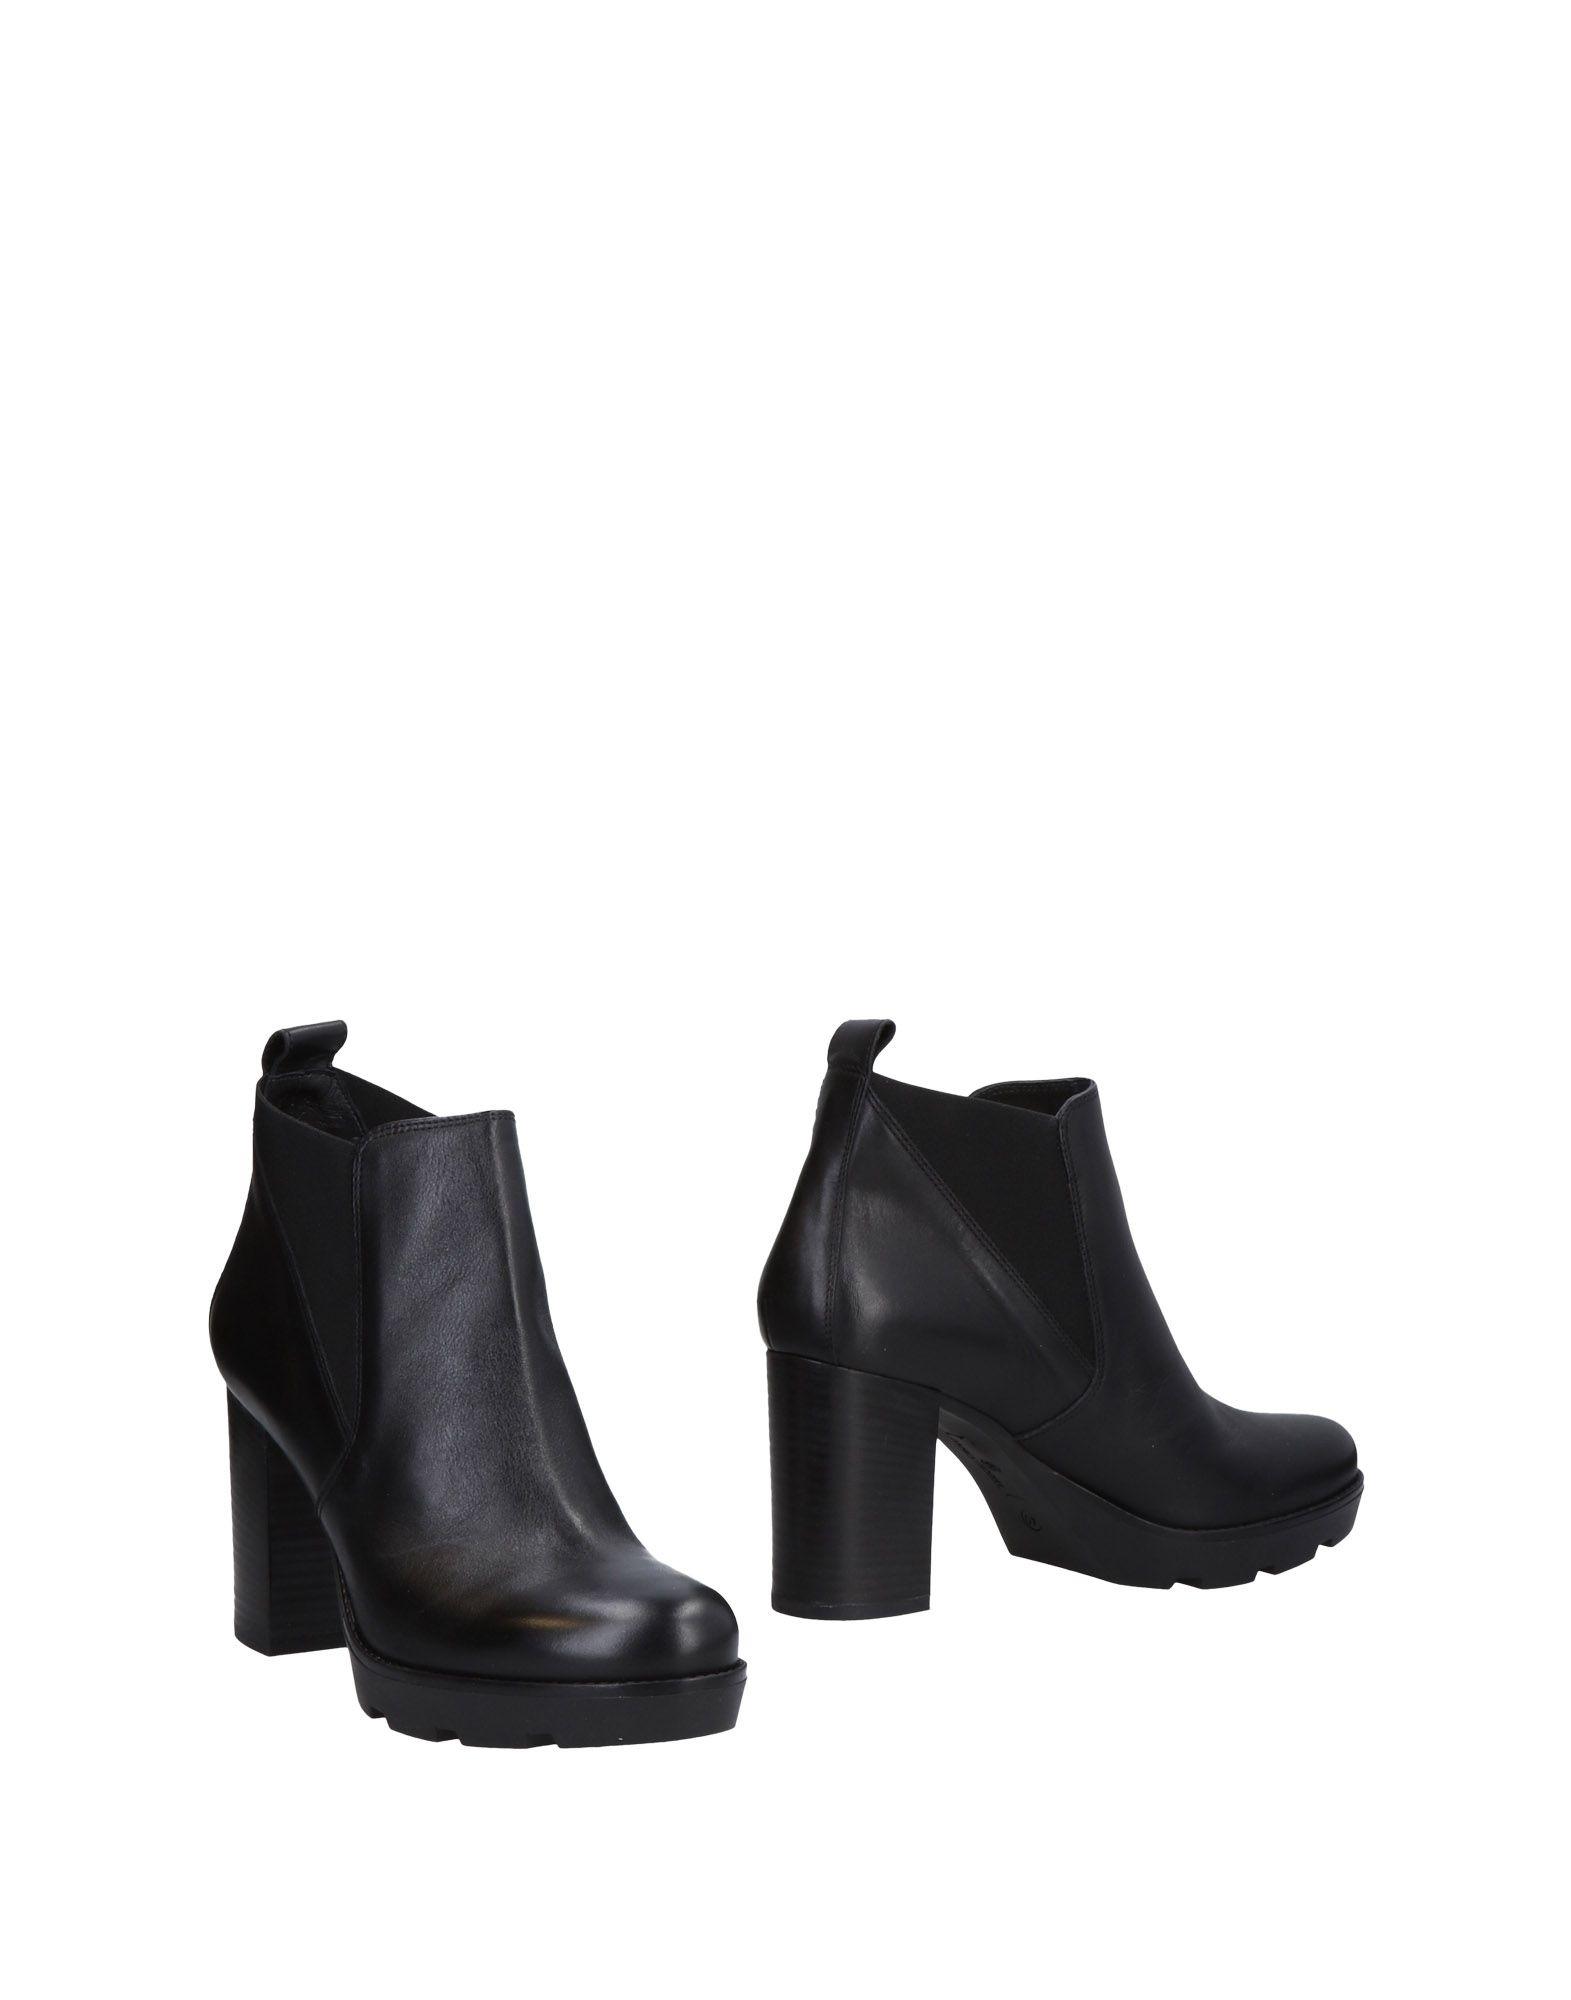 Janet Sport Chelsea Boots Damen Damen Damen  11467229KN Gute Qualität beliebte Schuhe d97038